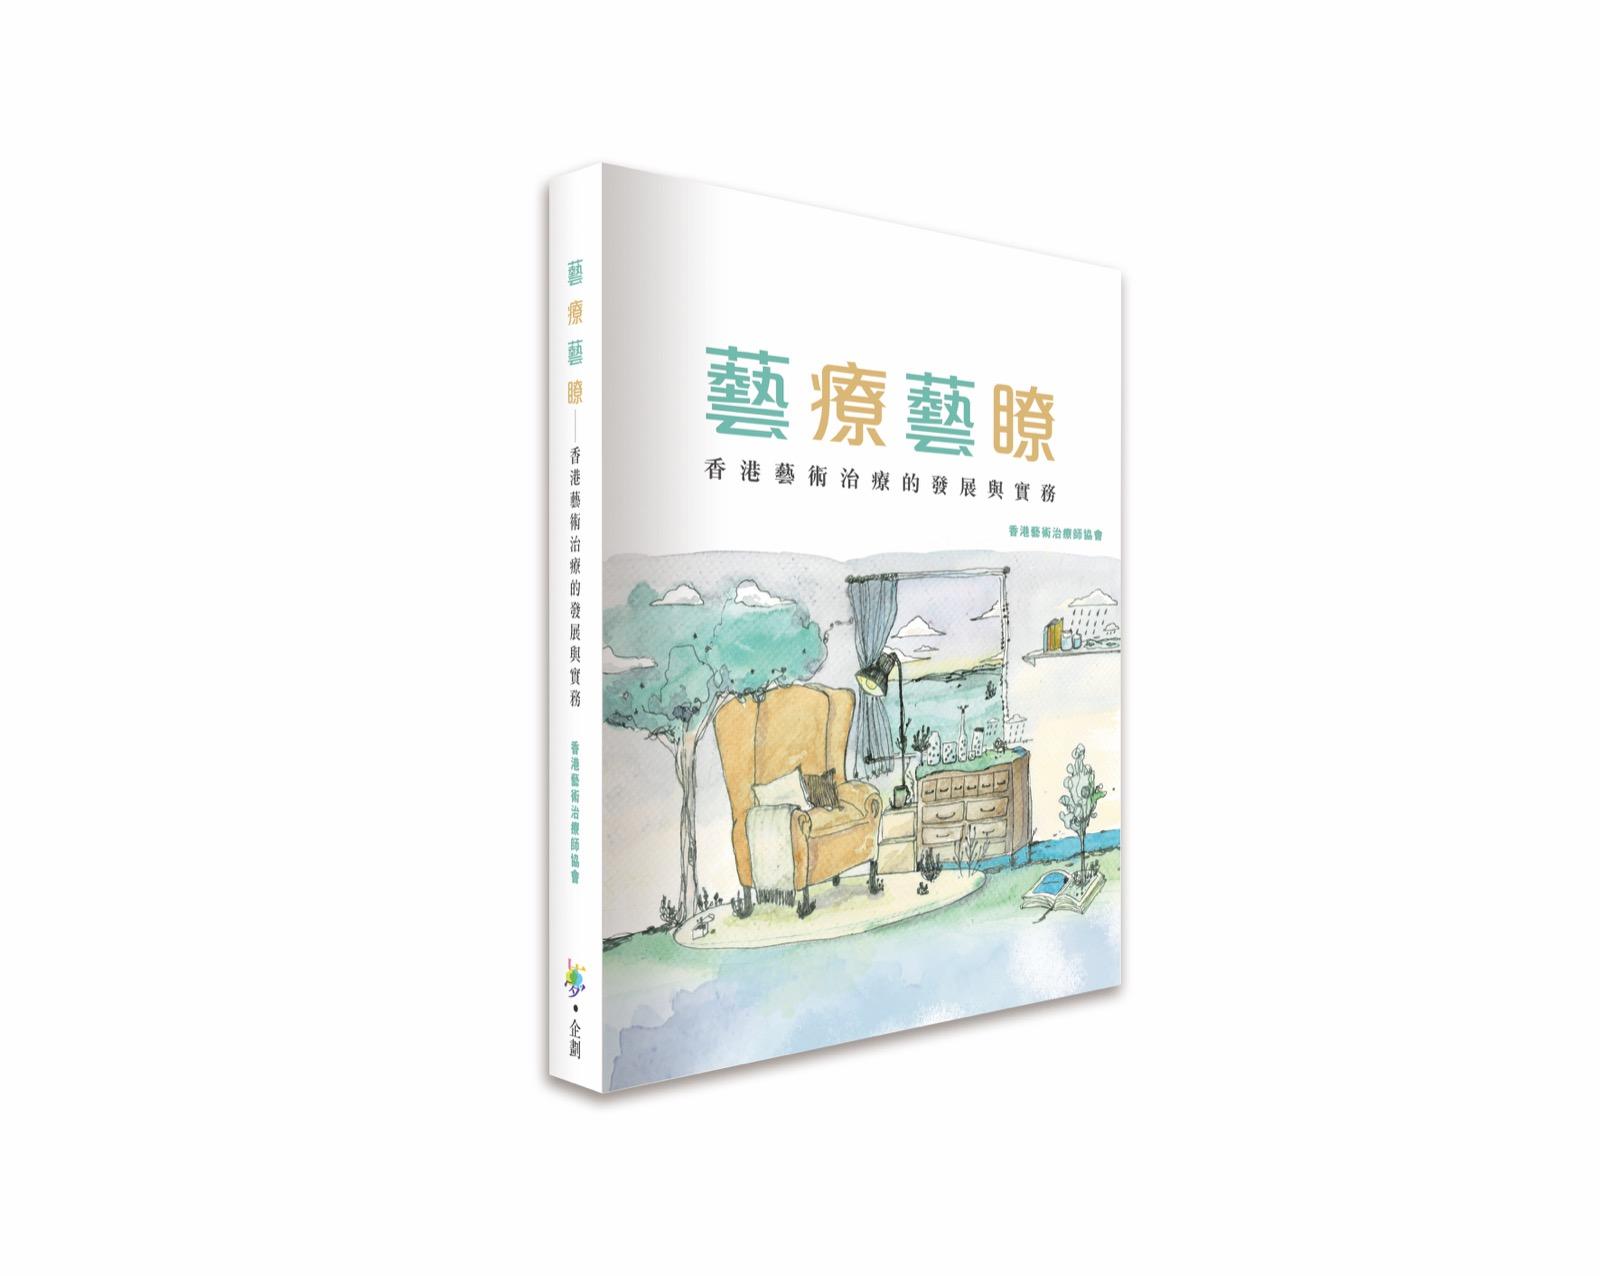 藝療藝瞭——香港藝術治療的發展與實務